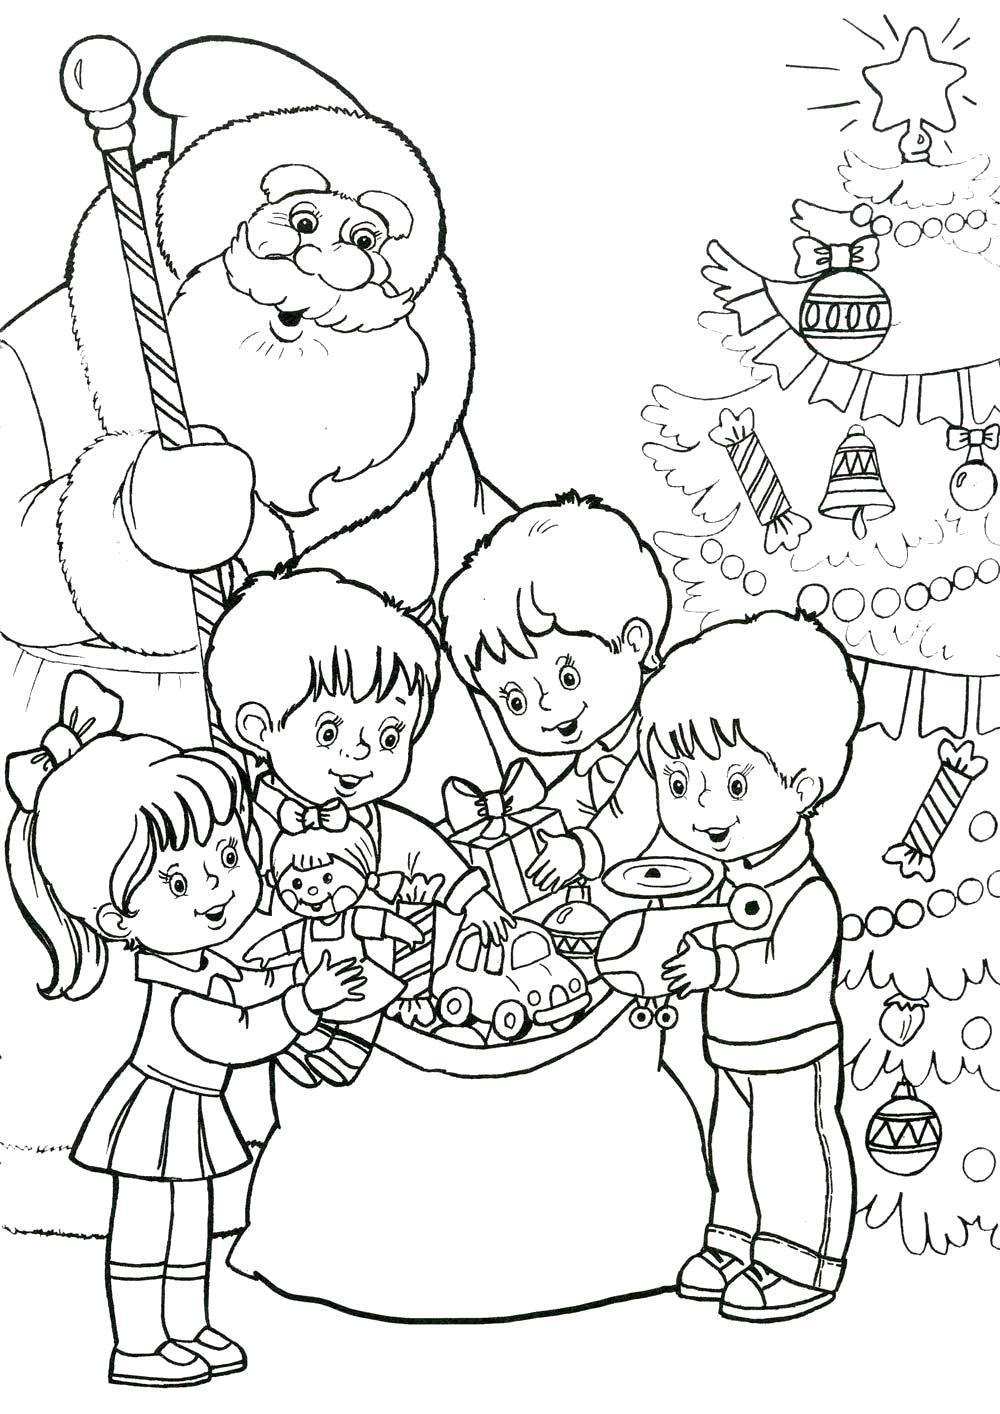 Раскраска . Новый год. Дед мороз  дарит подарки детям на утреннике. . Скачать Новогодний утренник.  Распечатать Новый год